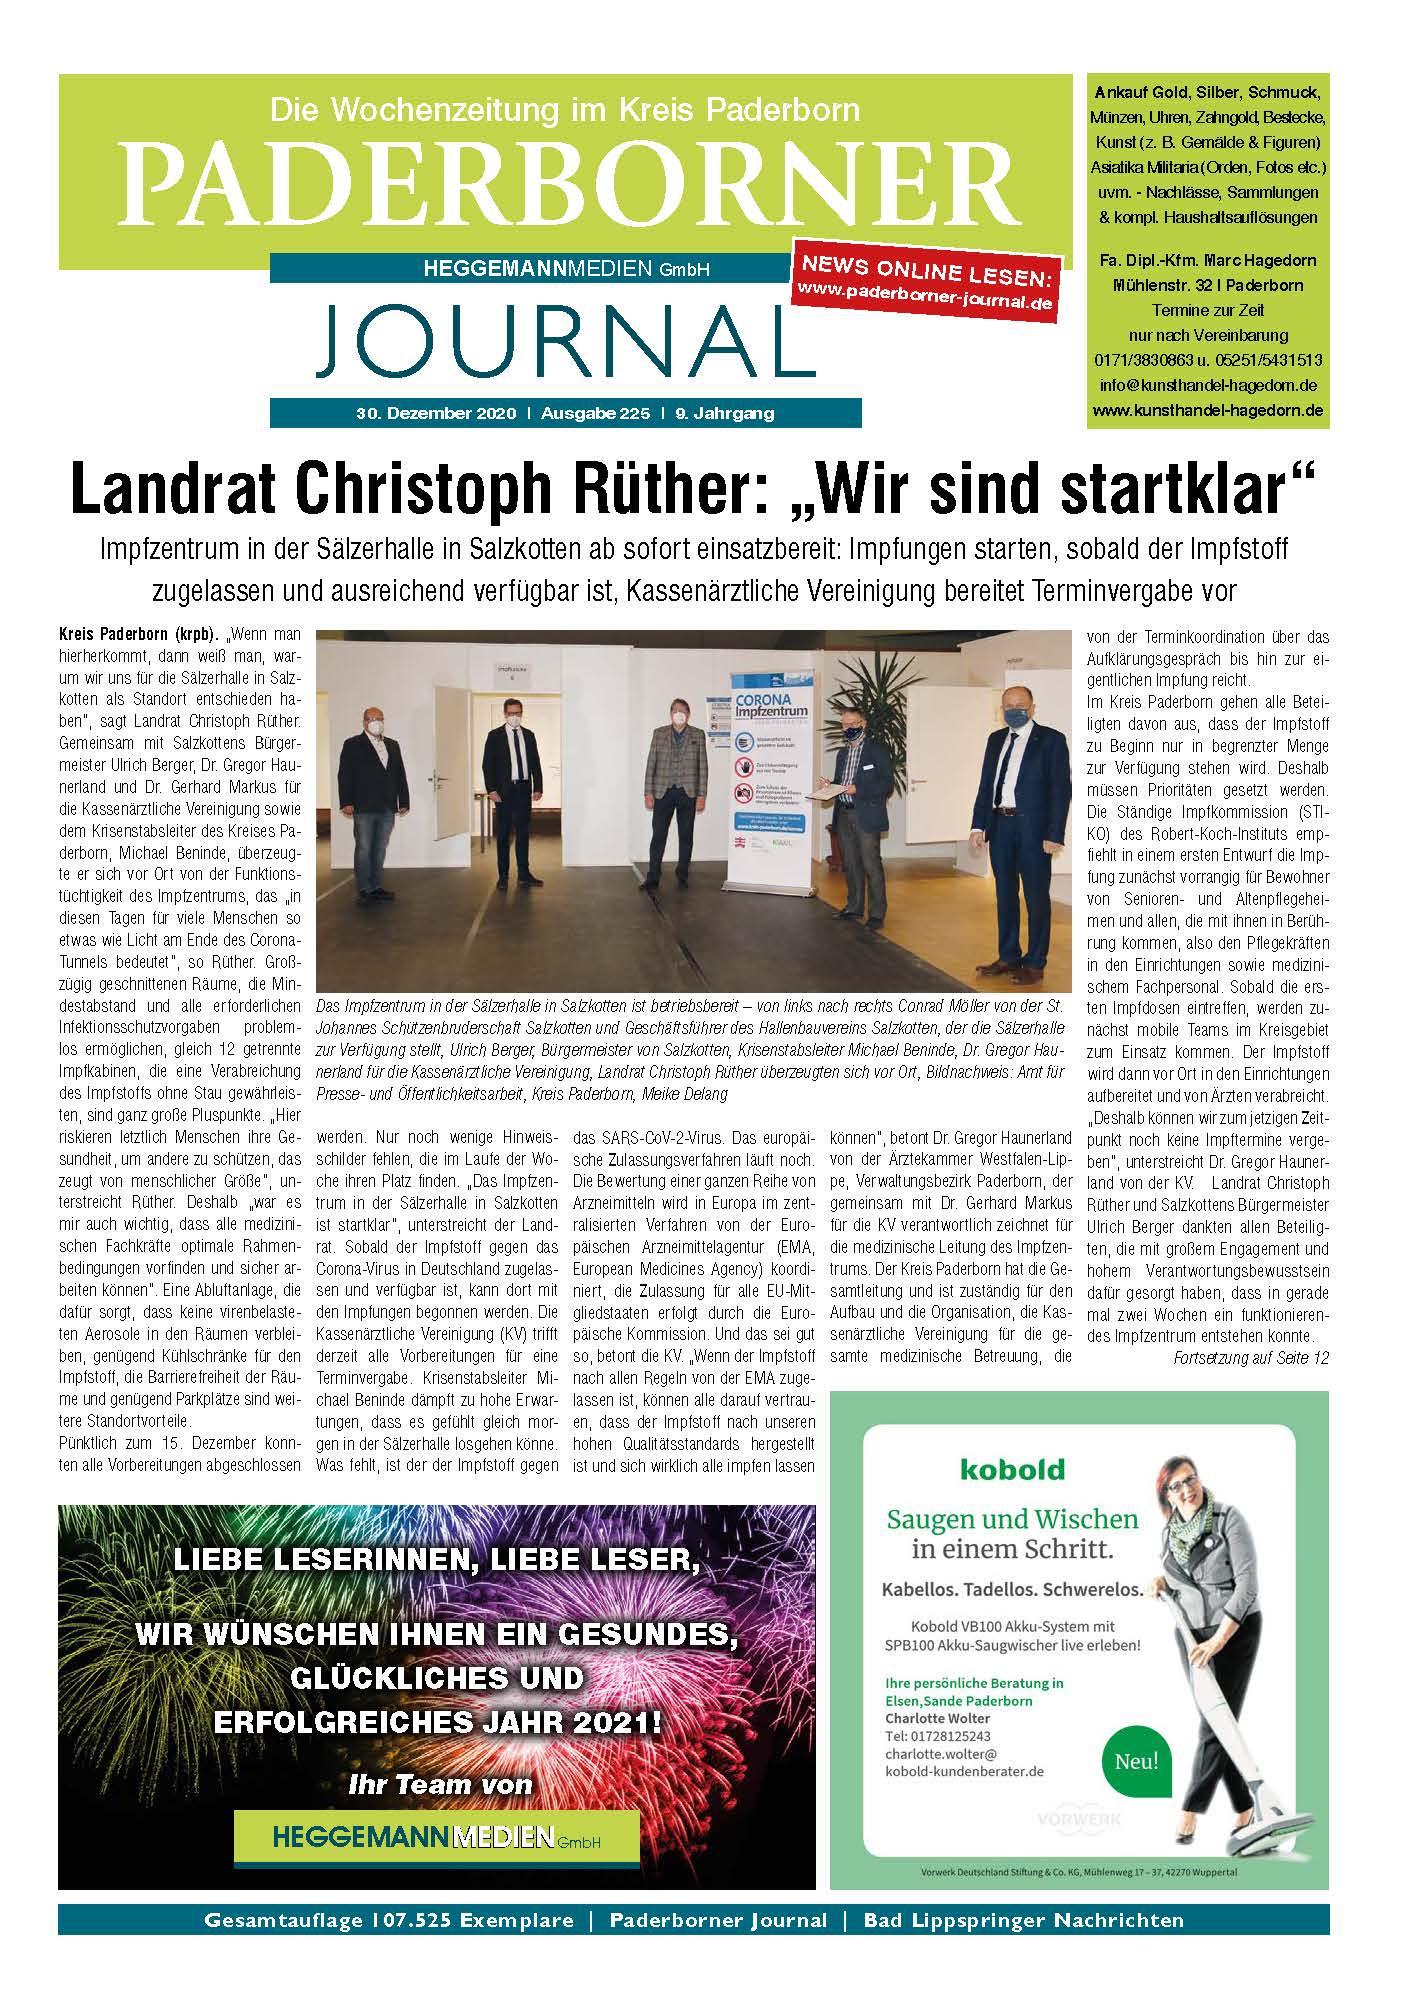 Paderborner Journal 224 vom 16.12.2020